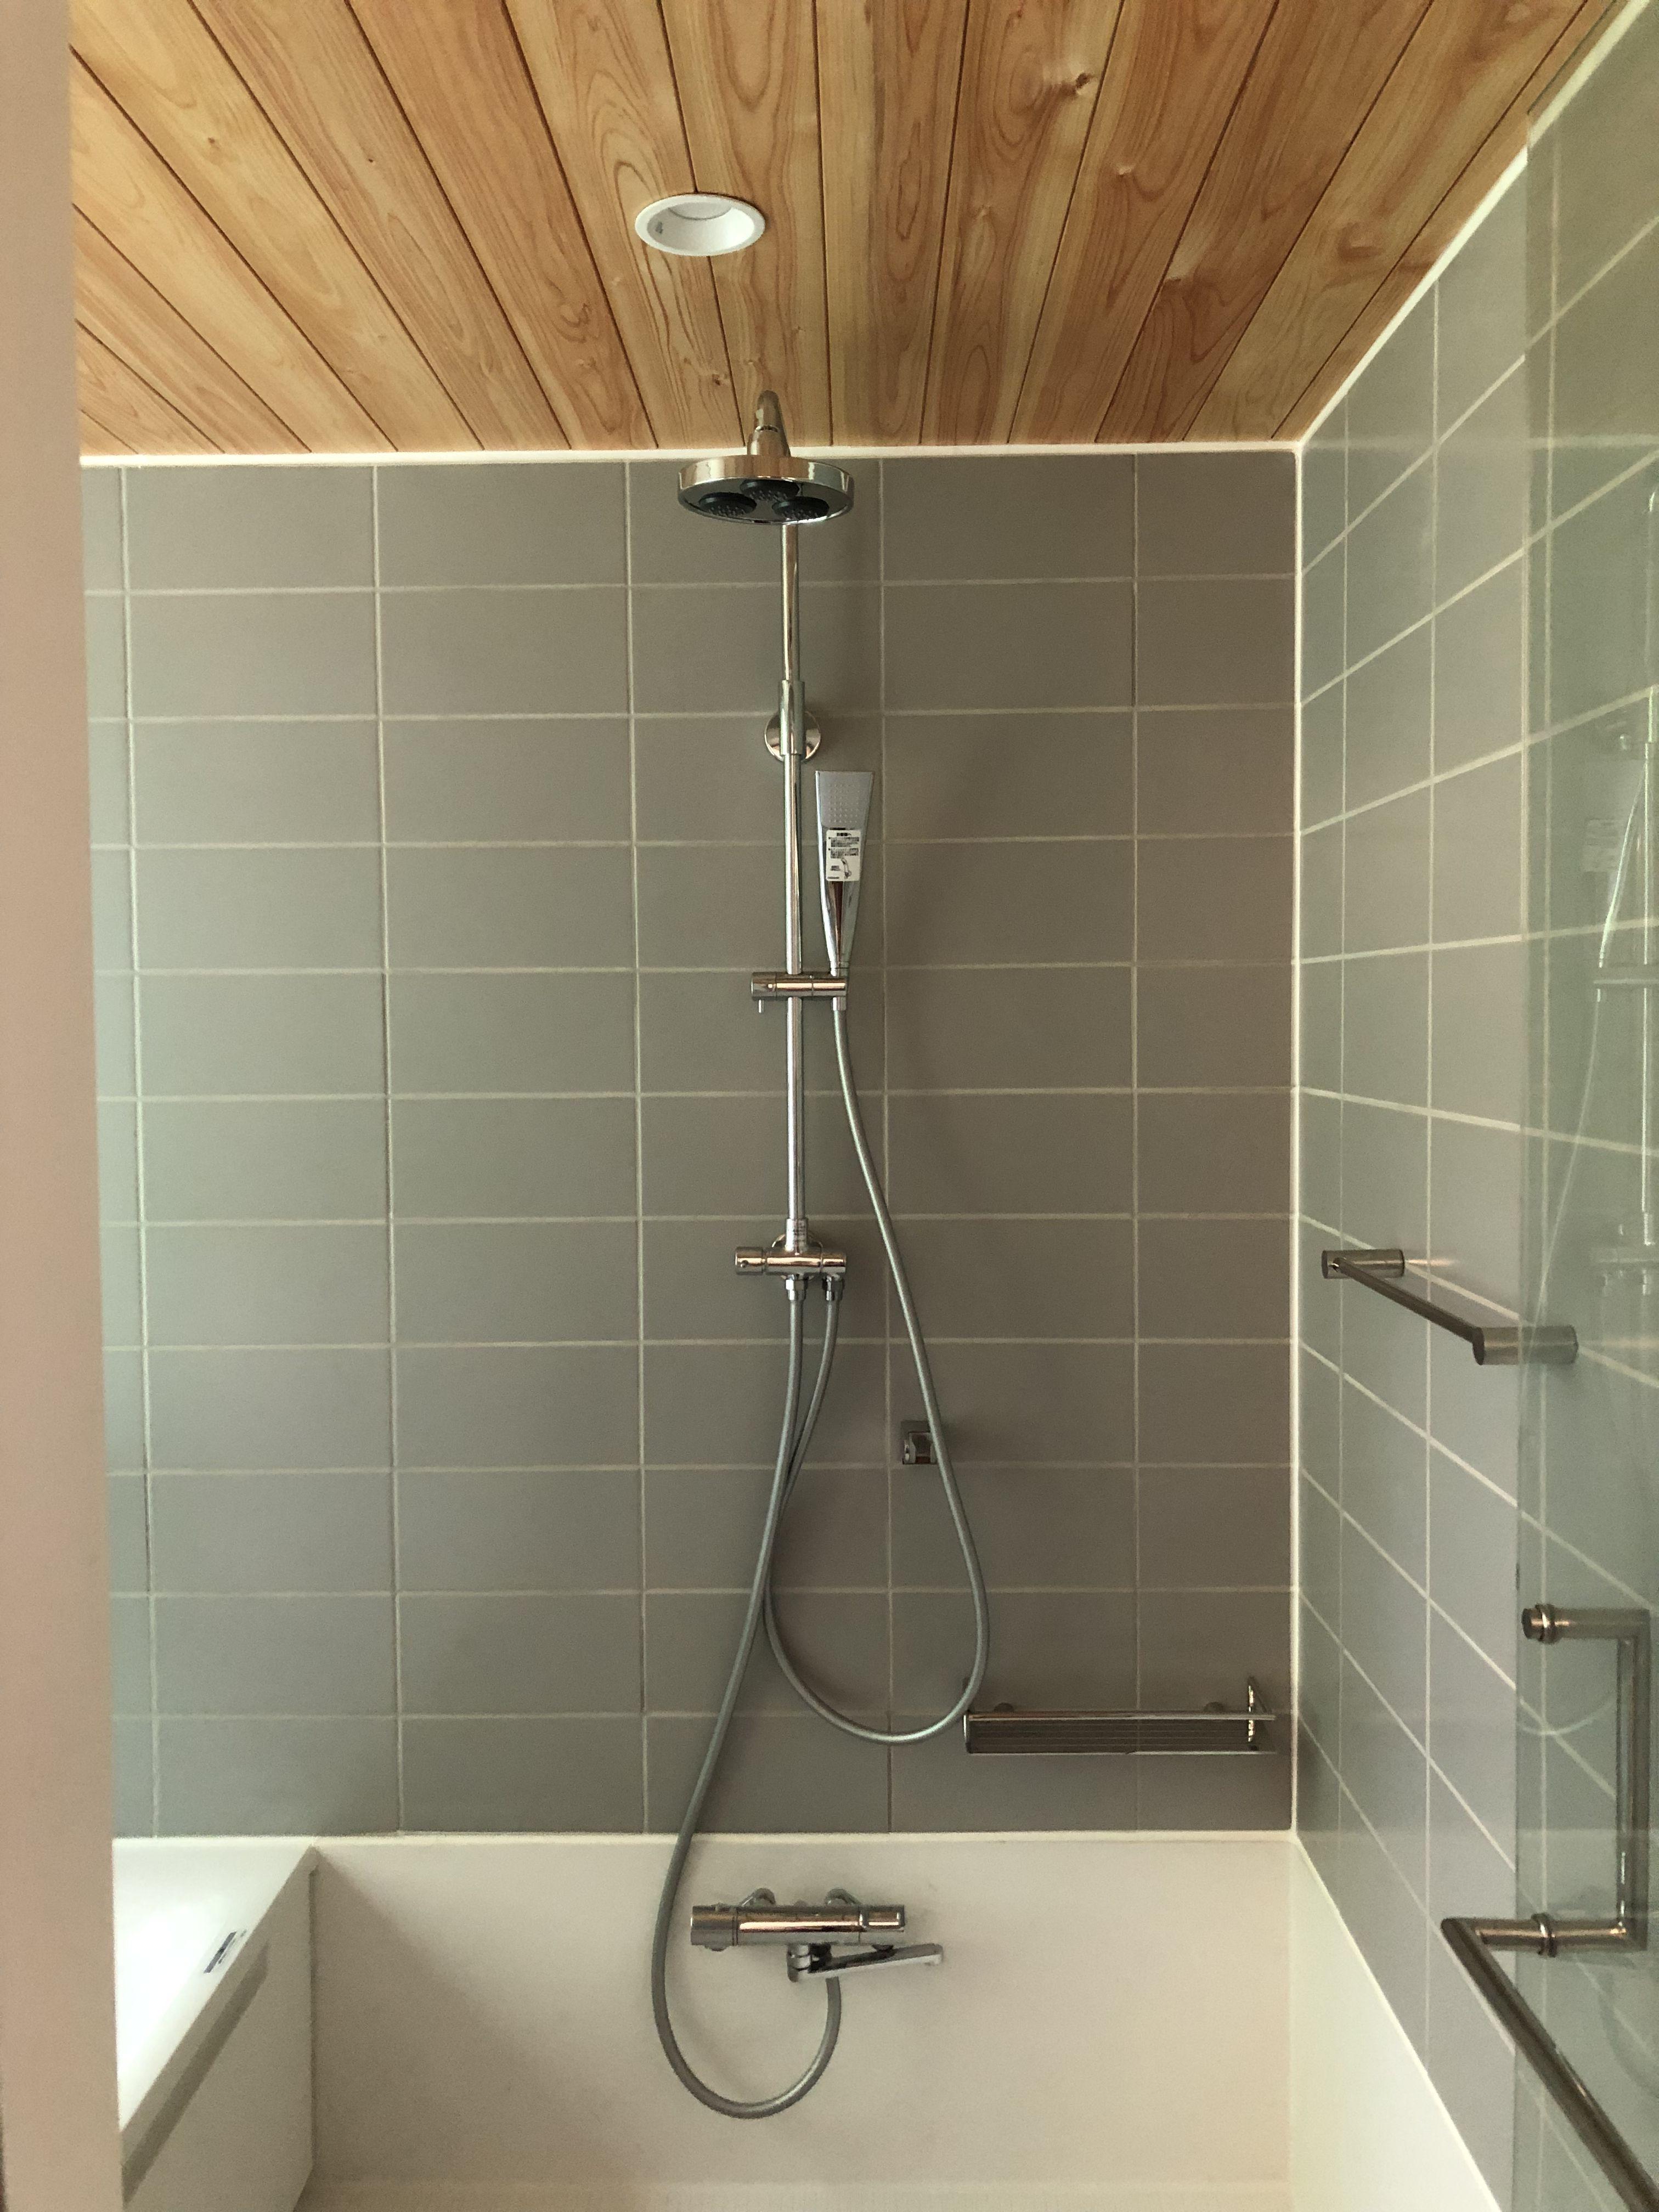 無垢の木の包丁スタンド 販売をはじめました 画像あり ユニットバス インテリア 浴室 デザイン バスルーム おしゃれ